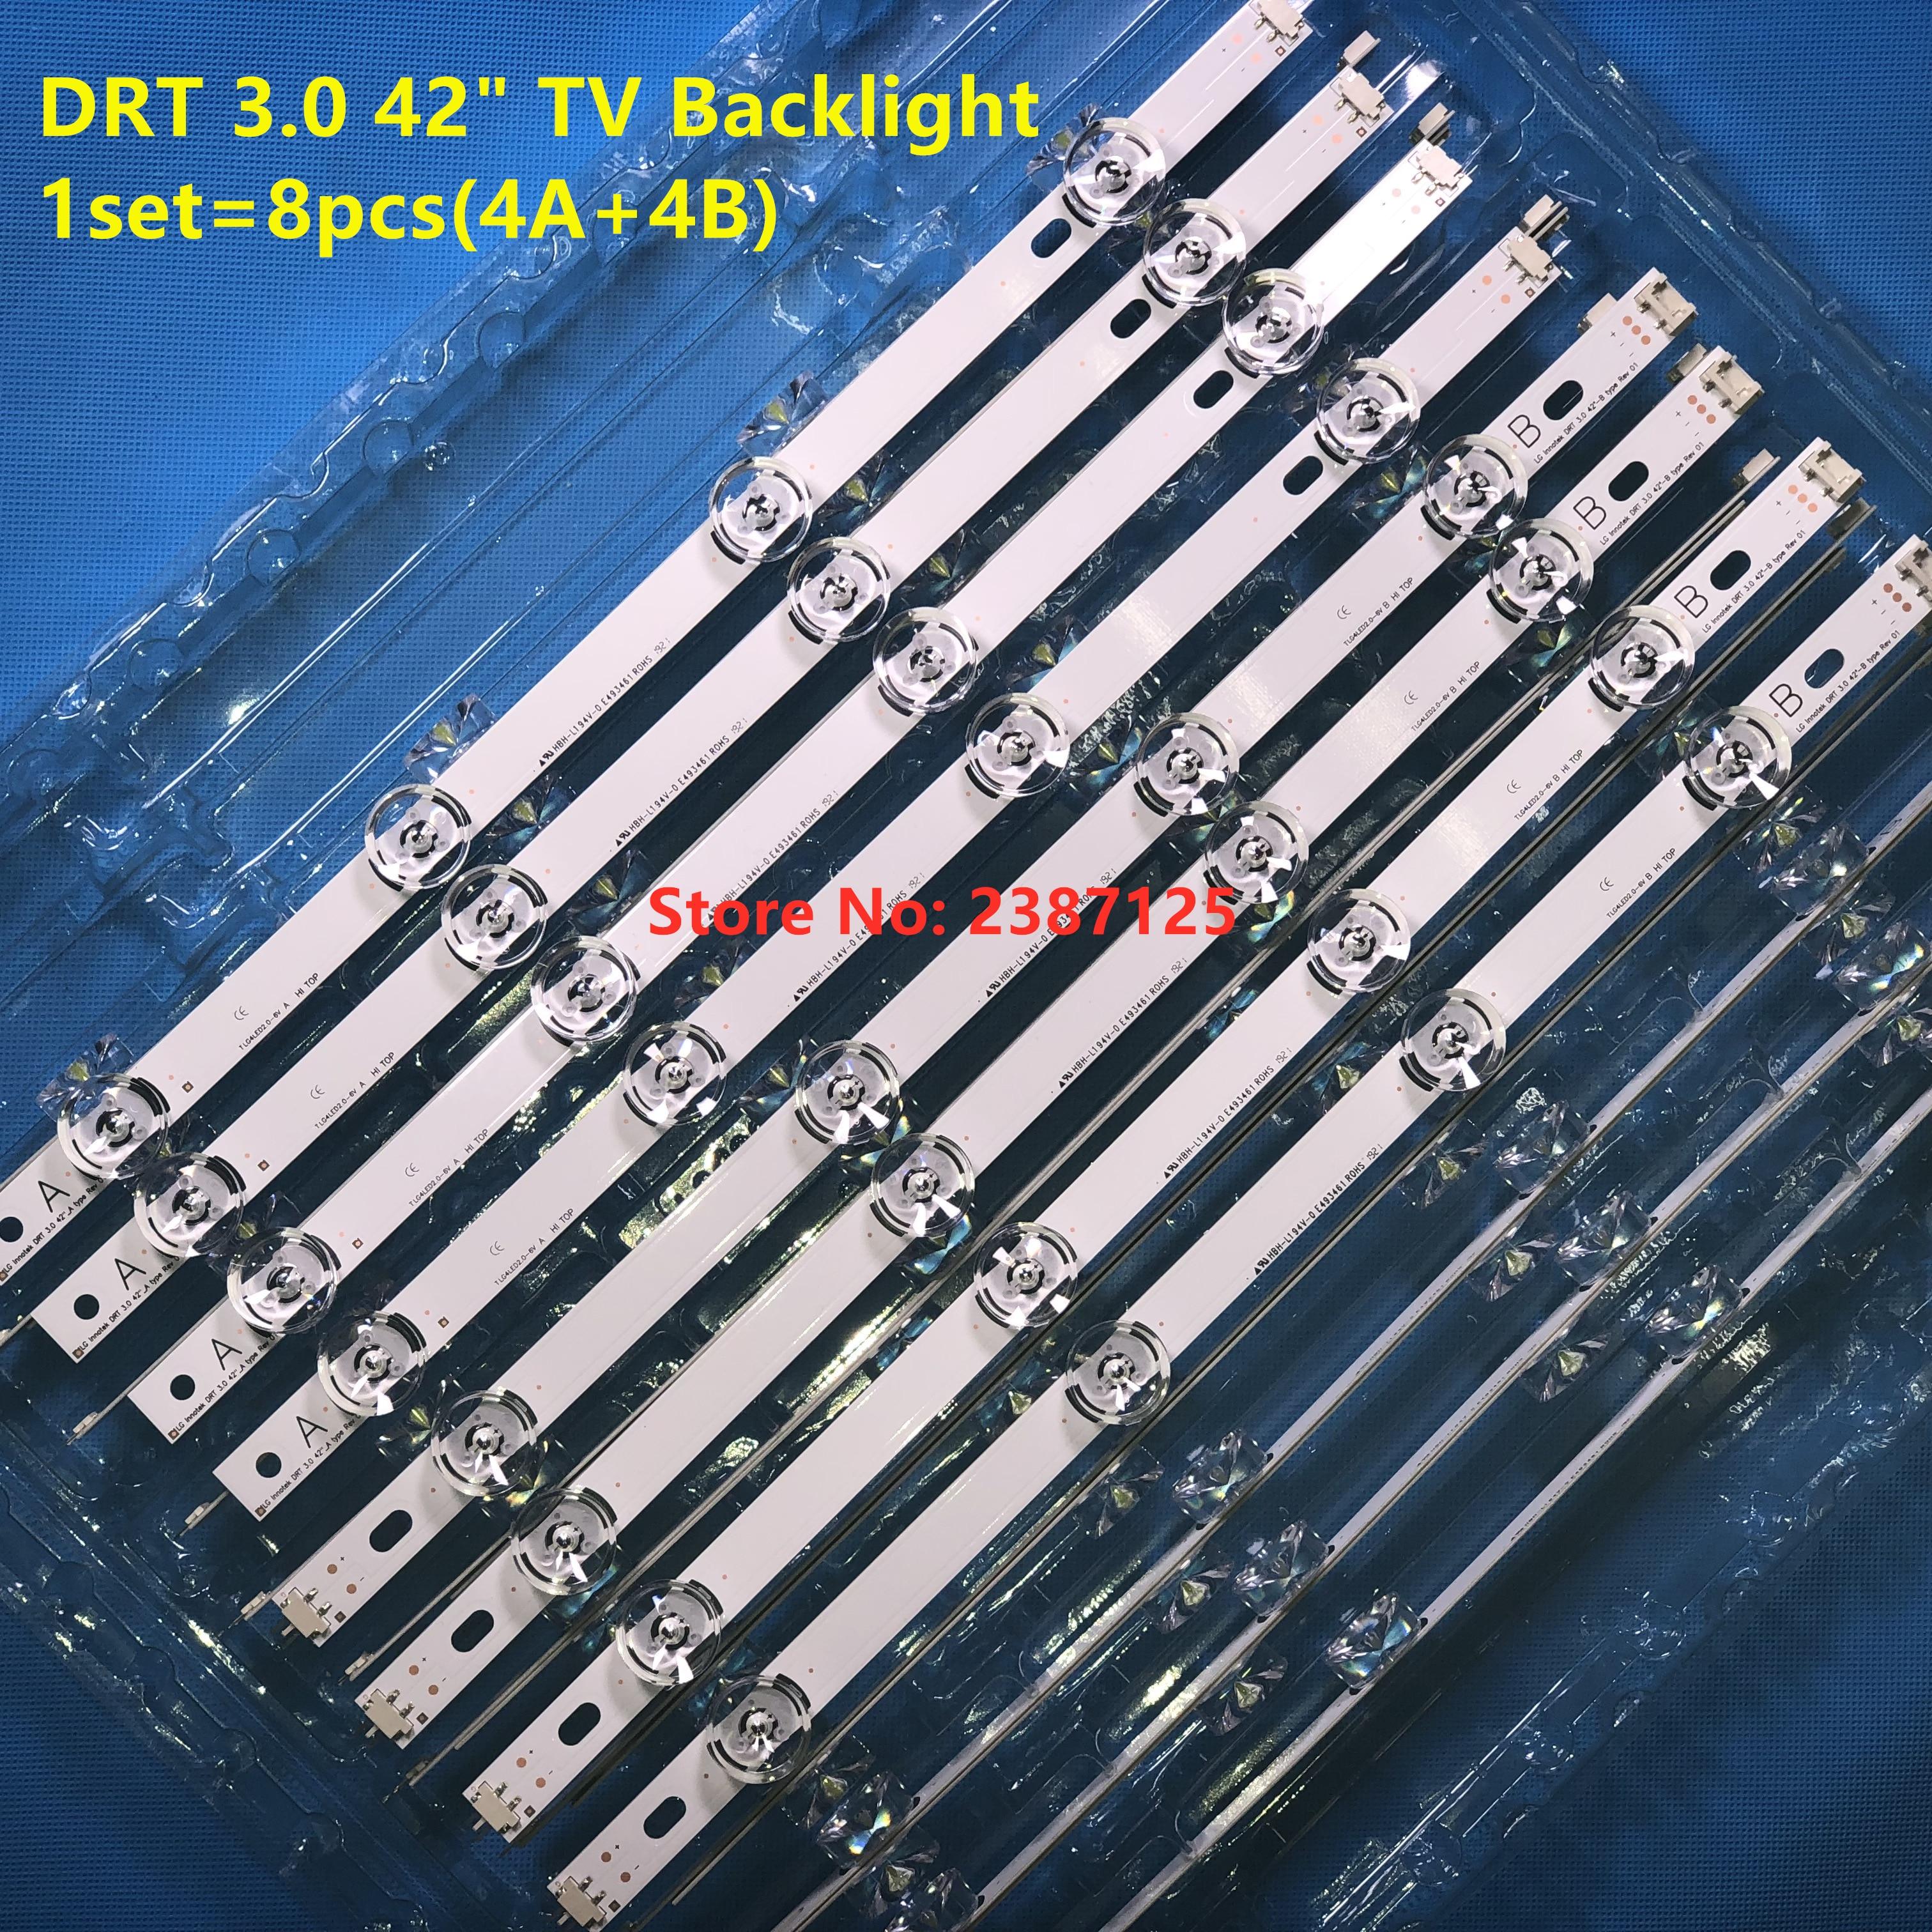 8pcs  LED Backlight Strip For 42LB653V 42LF560V 42LF562V 42LF564V DRT 3.0 42 A/B 6916L-1956C 6916L-1957C 6916L-1709B 6916L-1710B